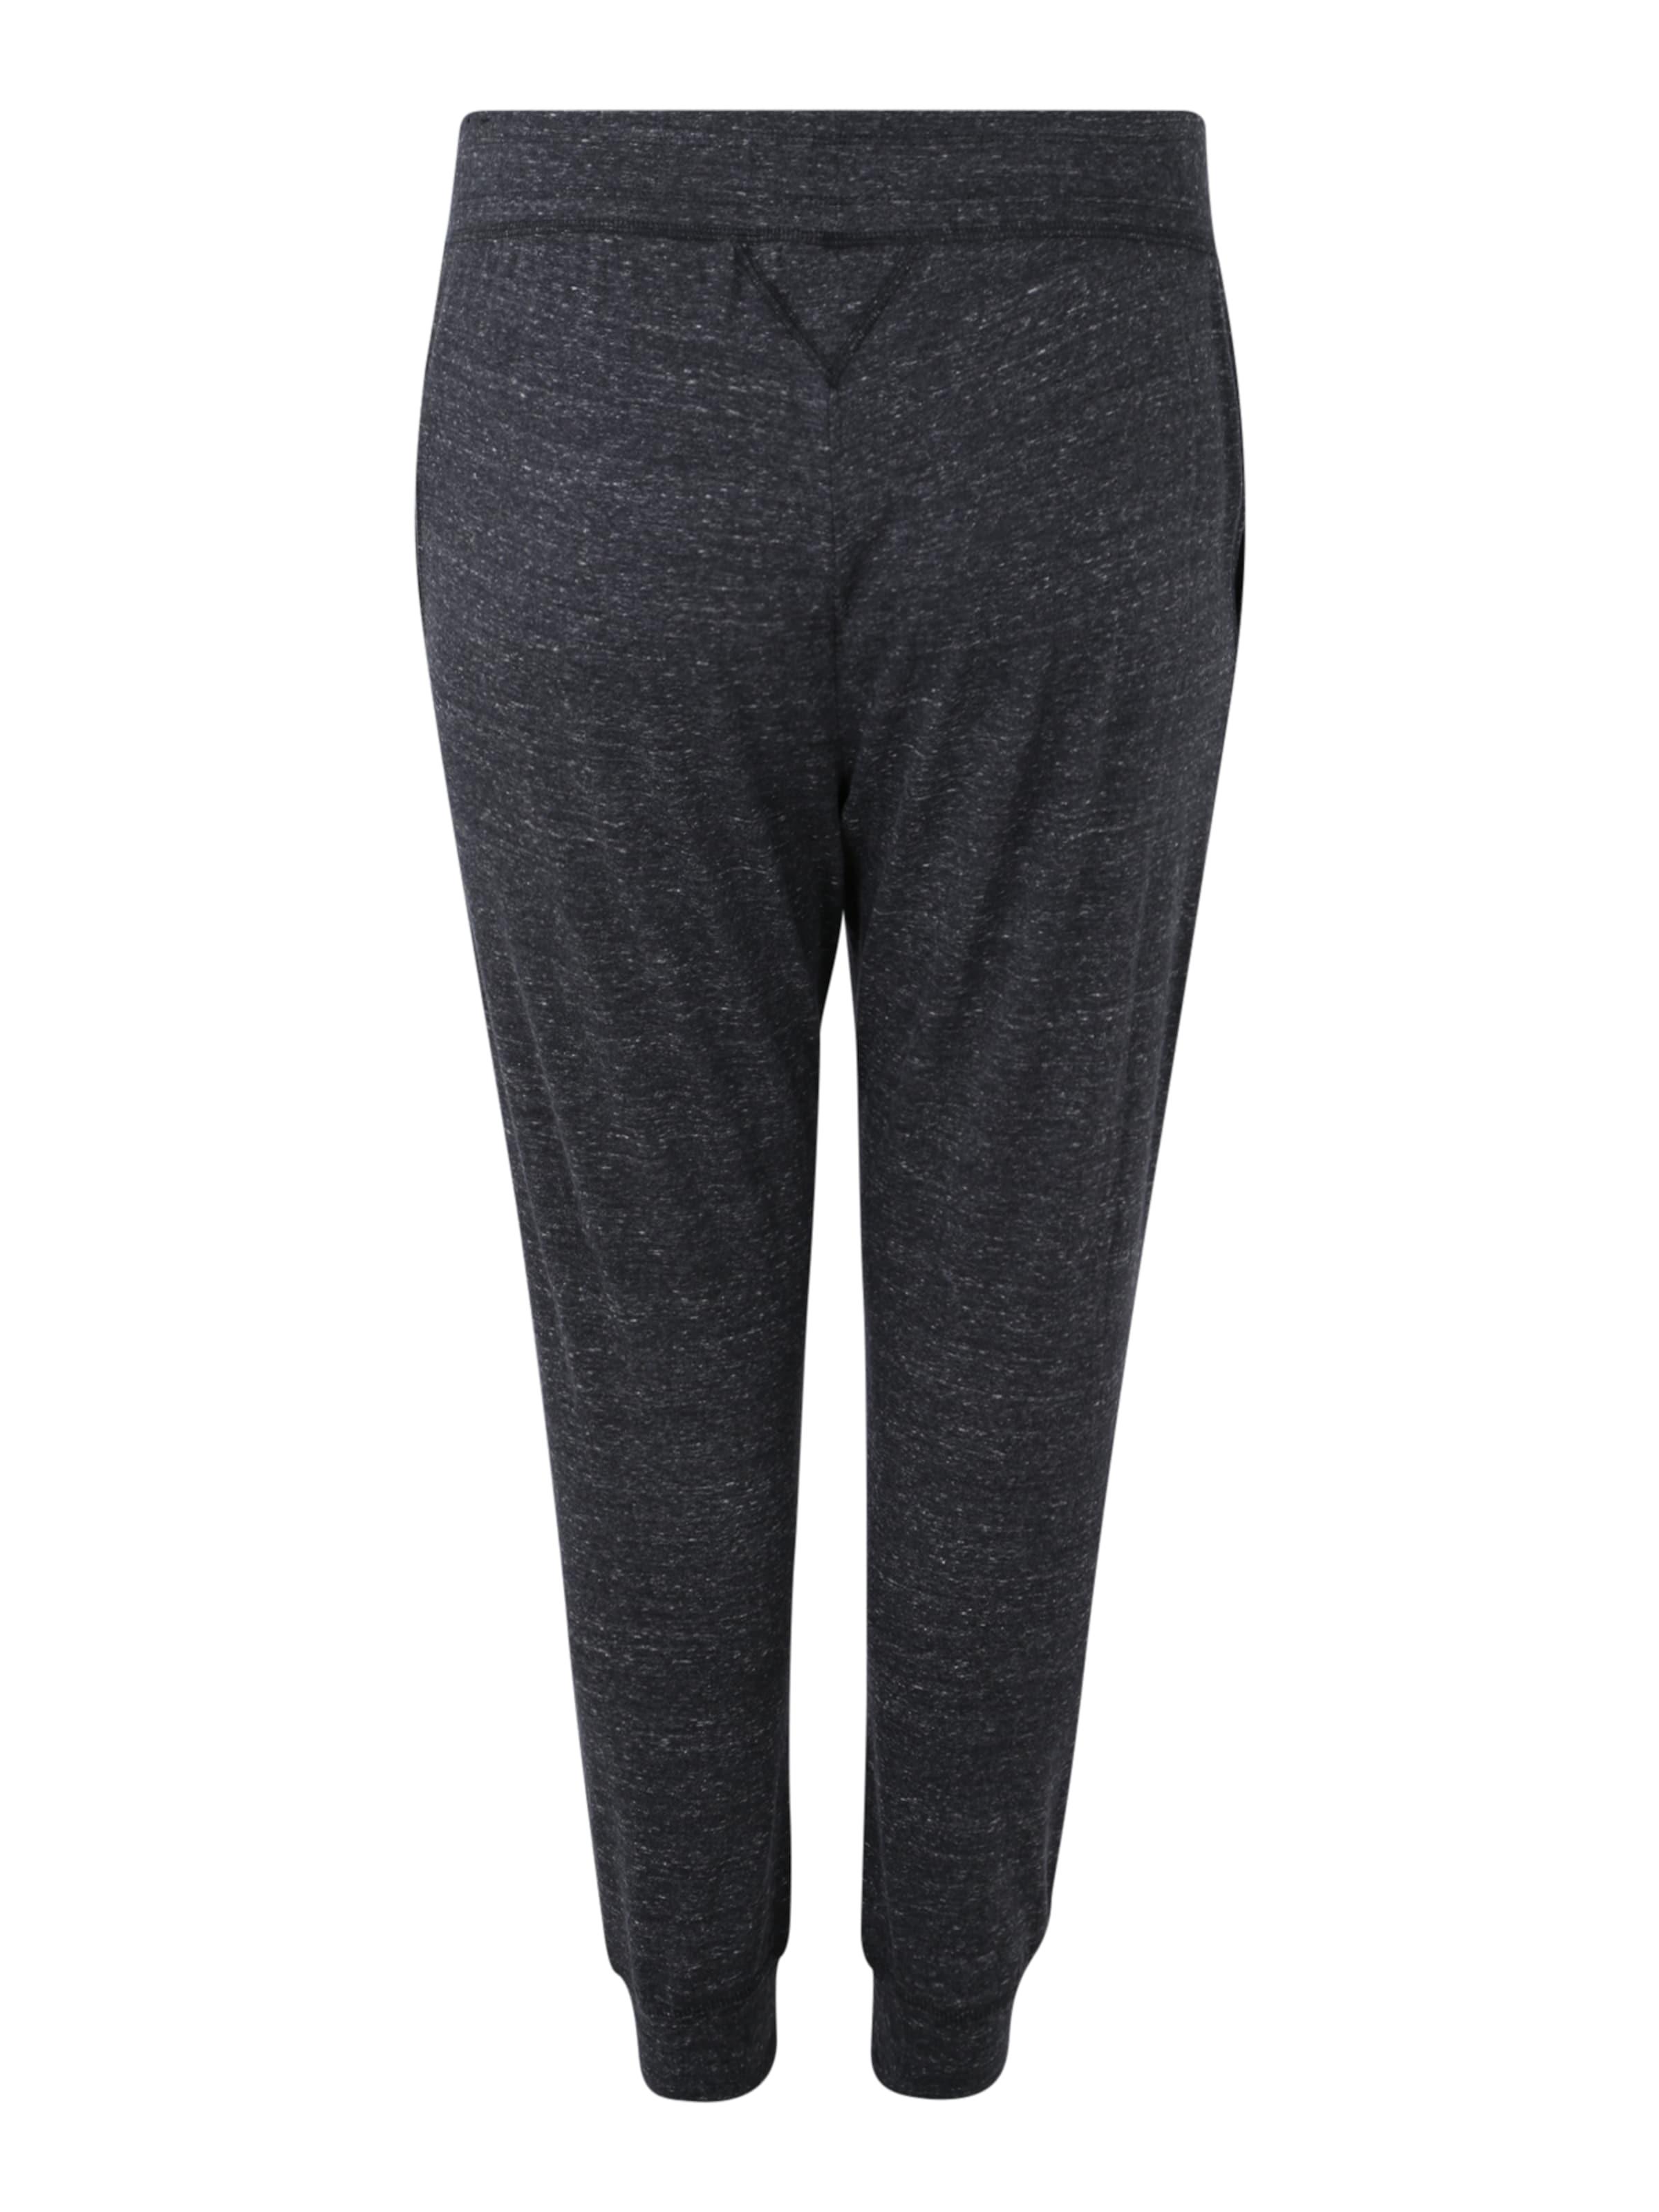 Sportswear In Nike Hose Vintage' 'gym Graumeliert OkuTZPXi